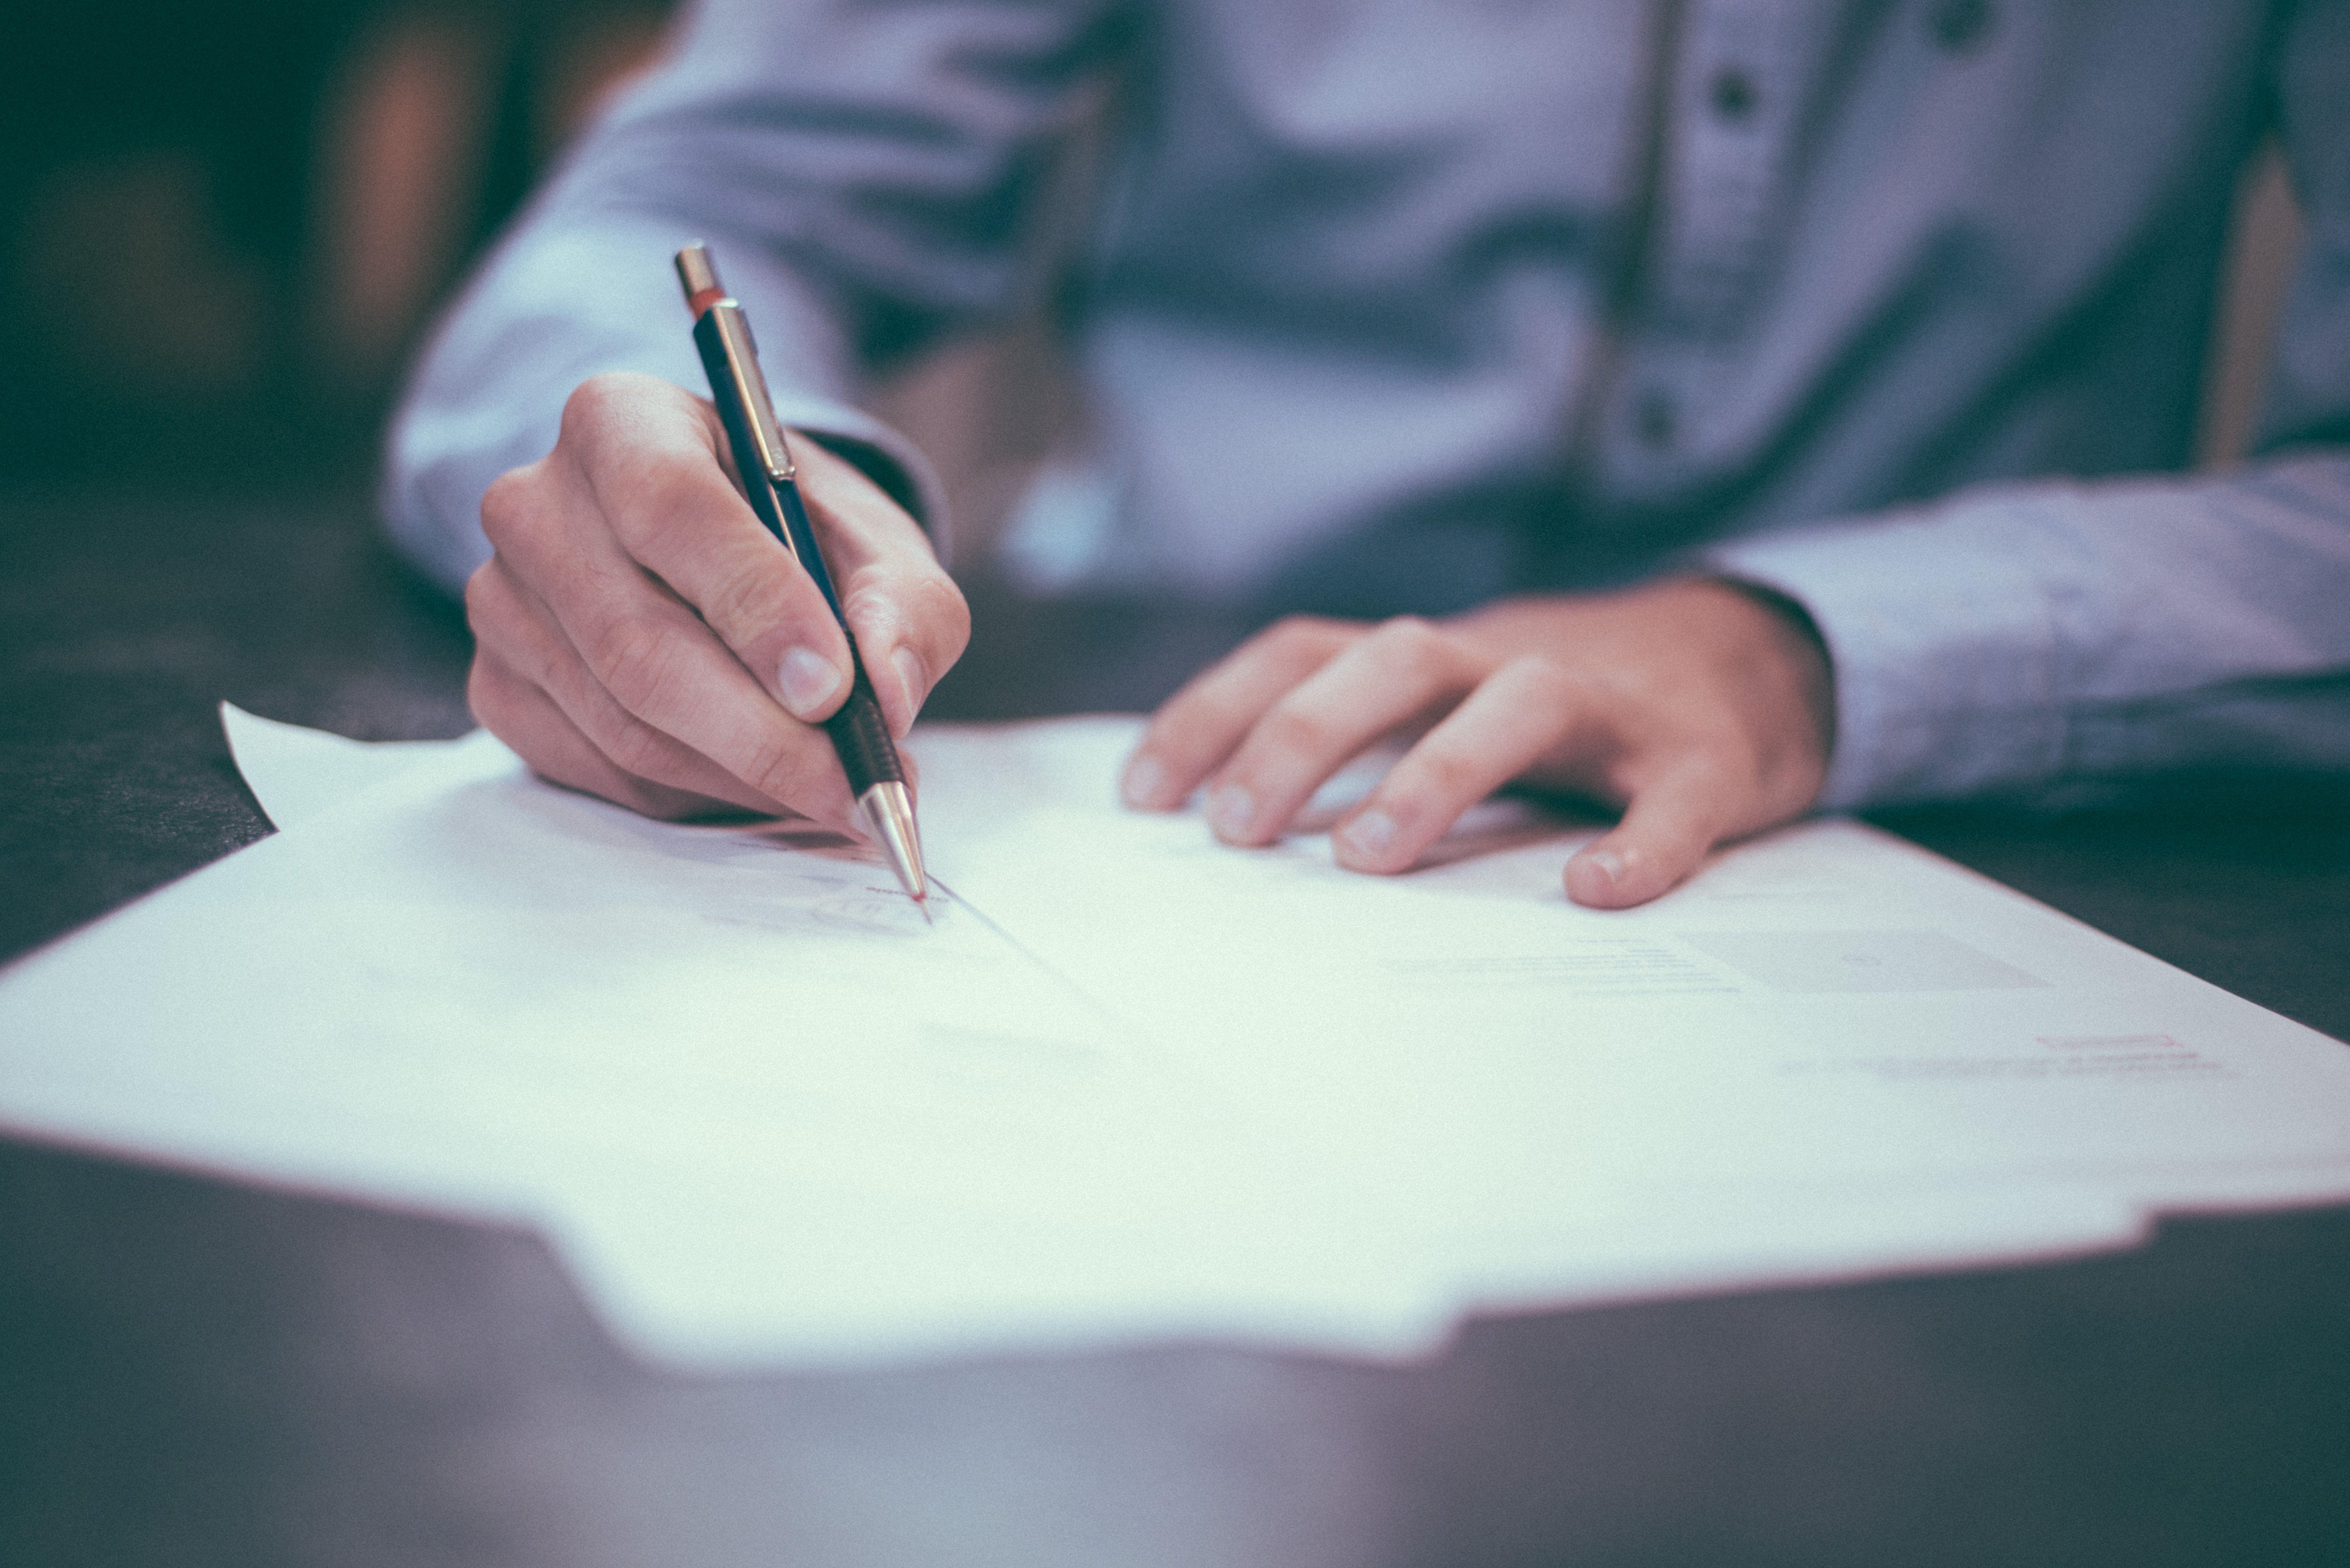 Conseils Recrutement Comment Humaniser Ses Lettres De Refus